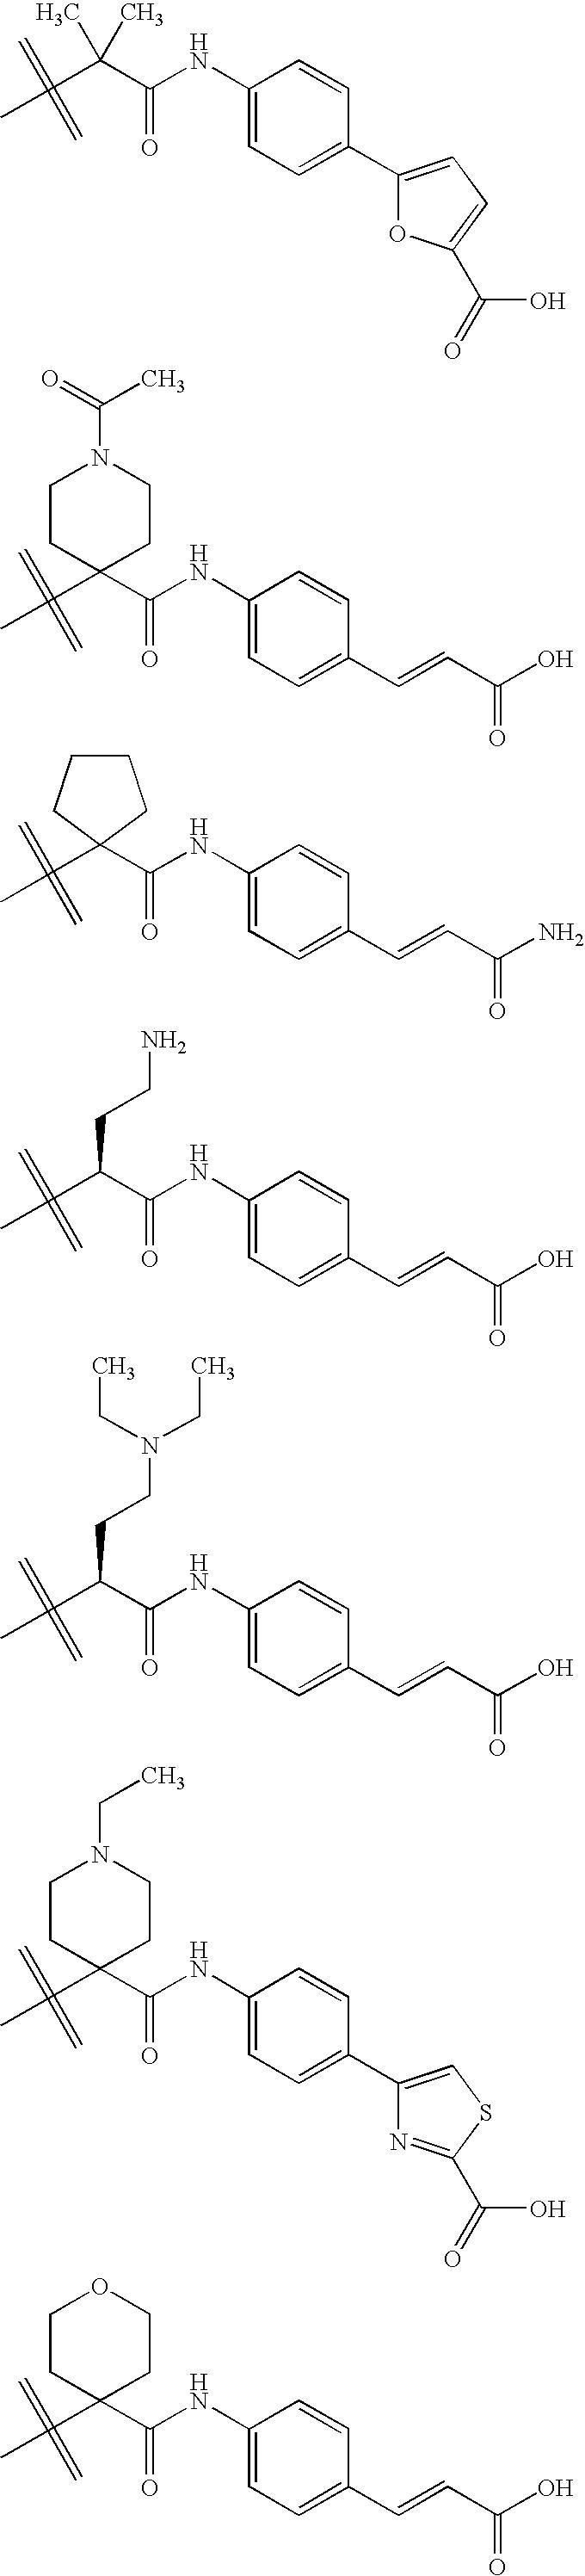 Figure US20070049593A1-20070301-C00156